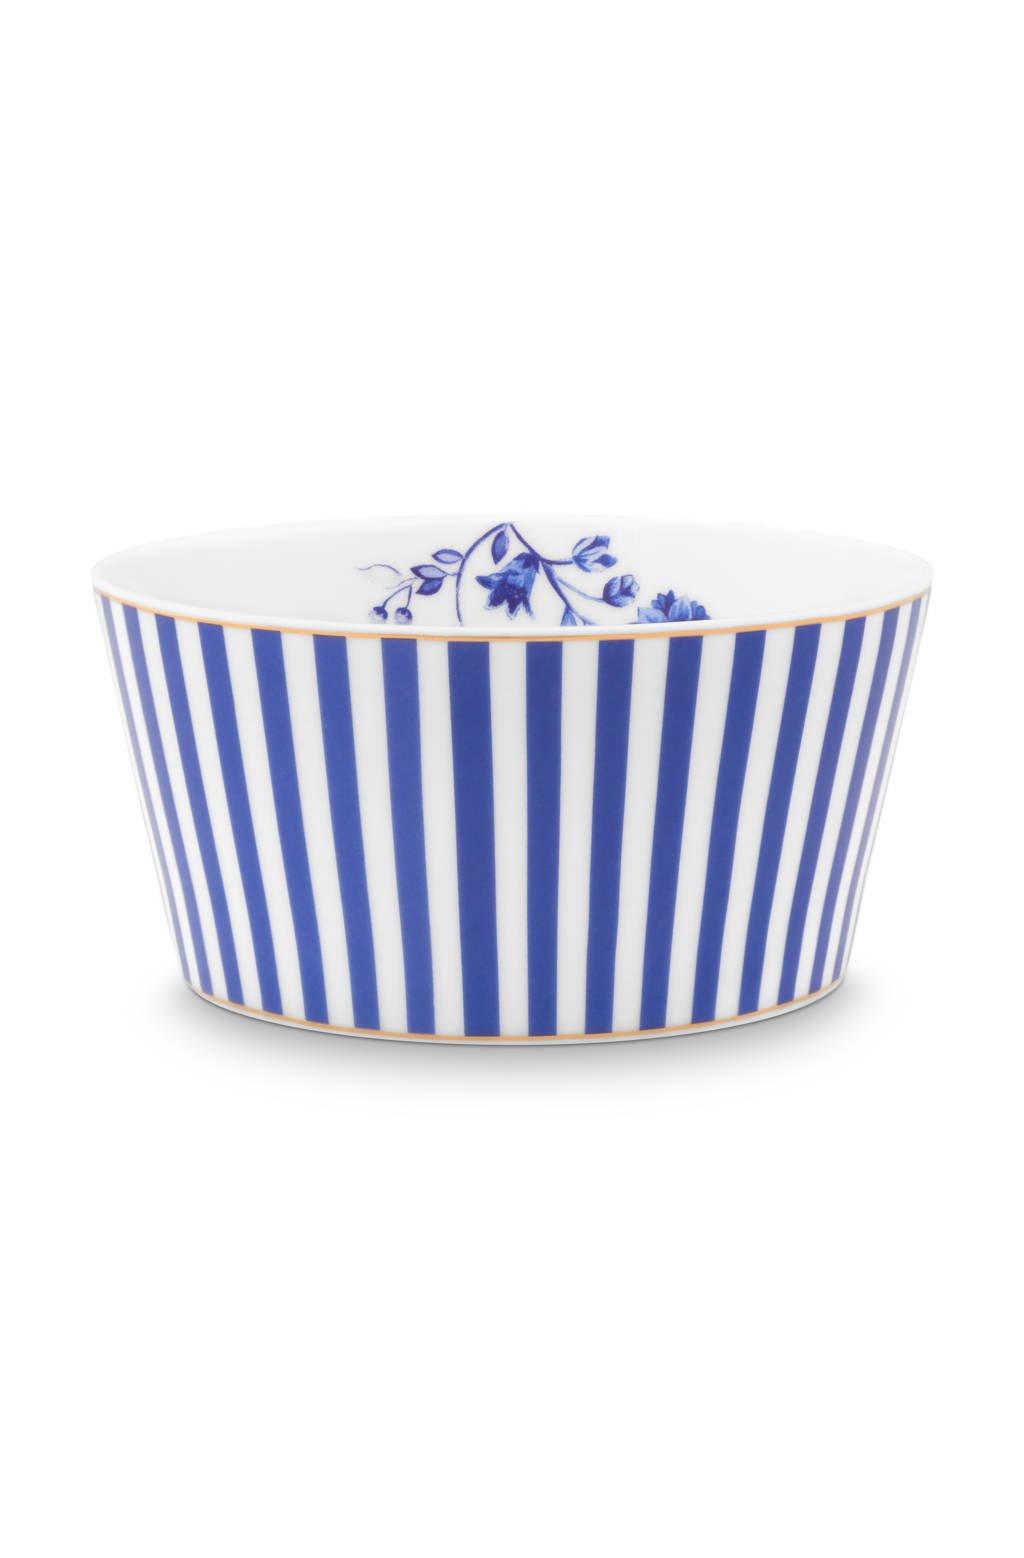 Pip Studio Bowl Royal Stripes 12cm, Blue / White